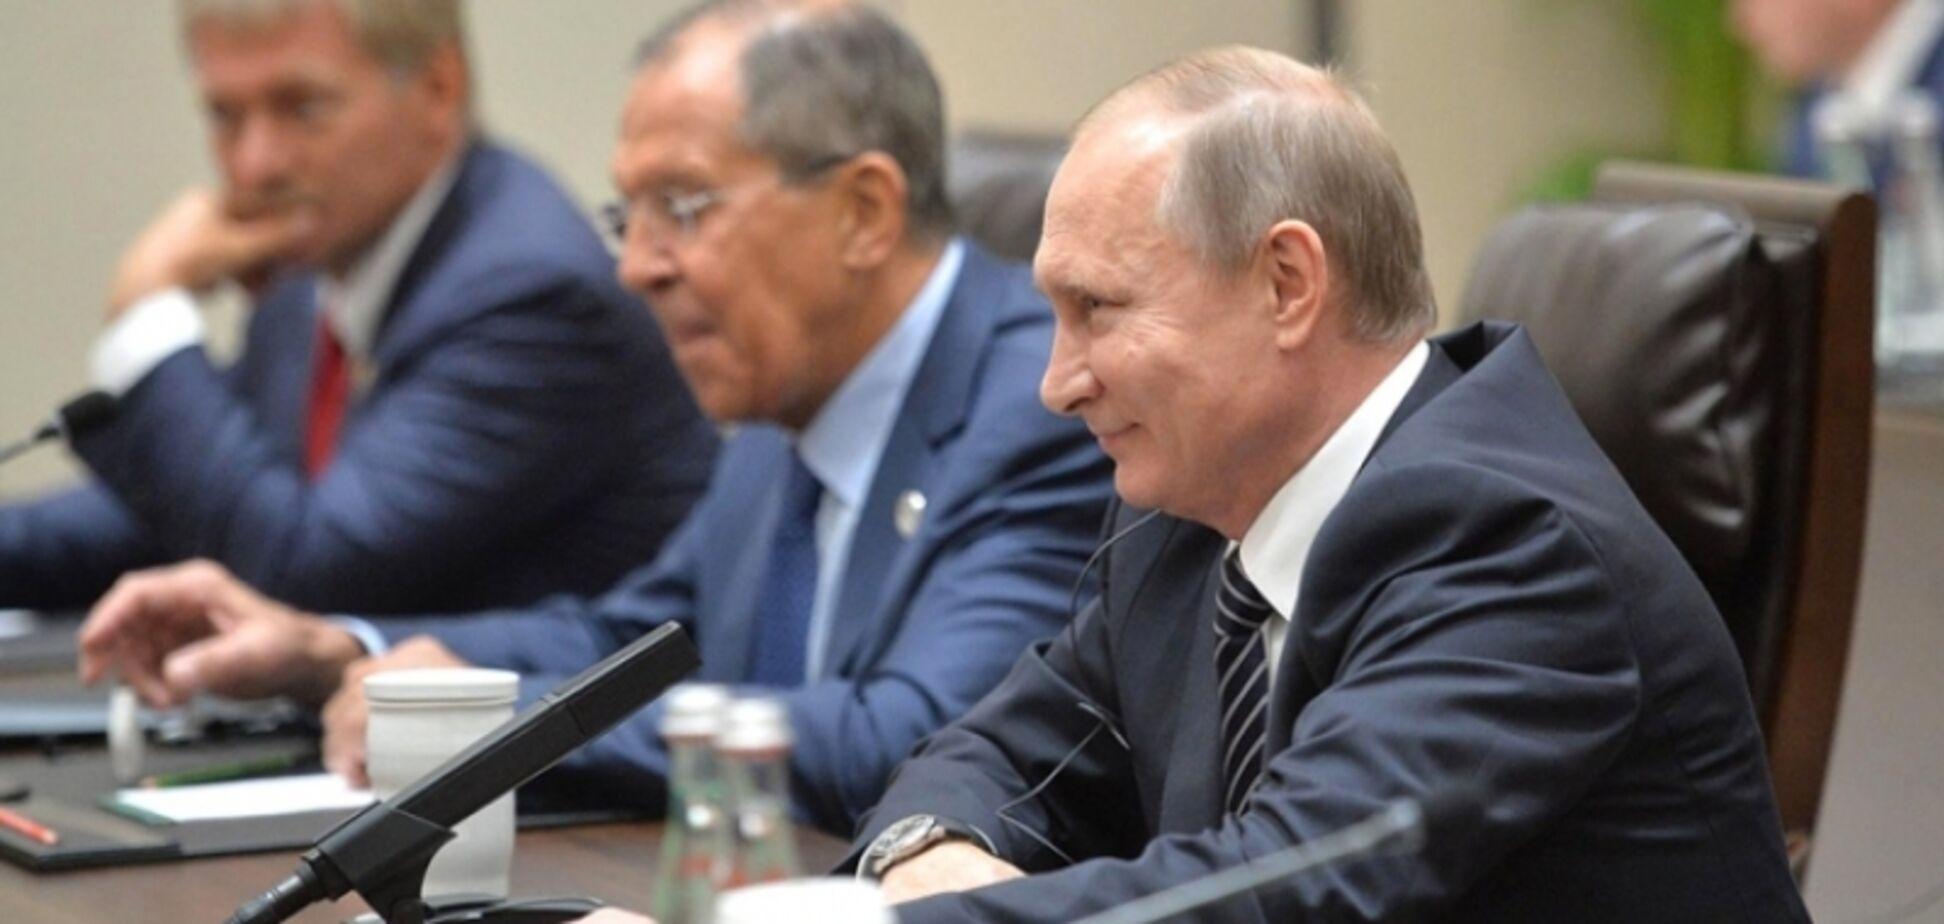 Битва за Европу: как Россия добивается отмены санкций